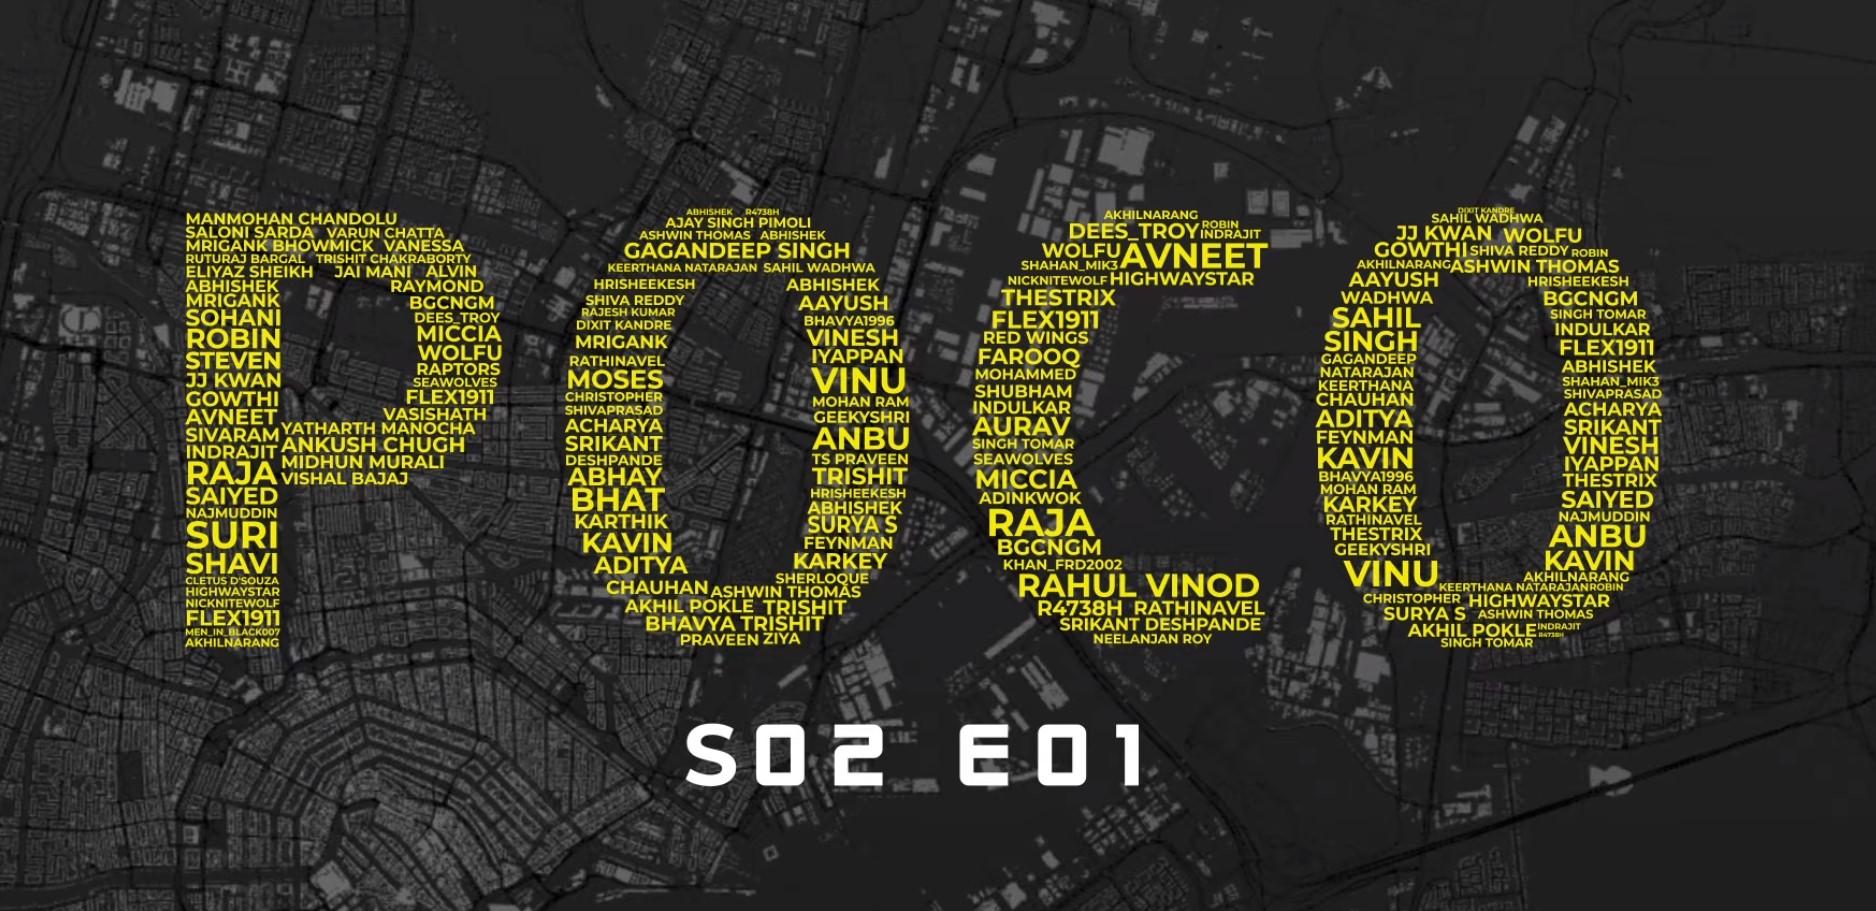 Poco láká na Poco X2, představí se 4. února [aktualizováno]